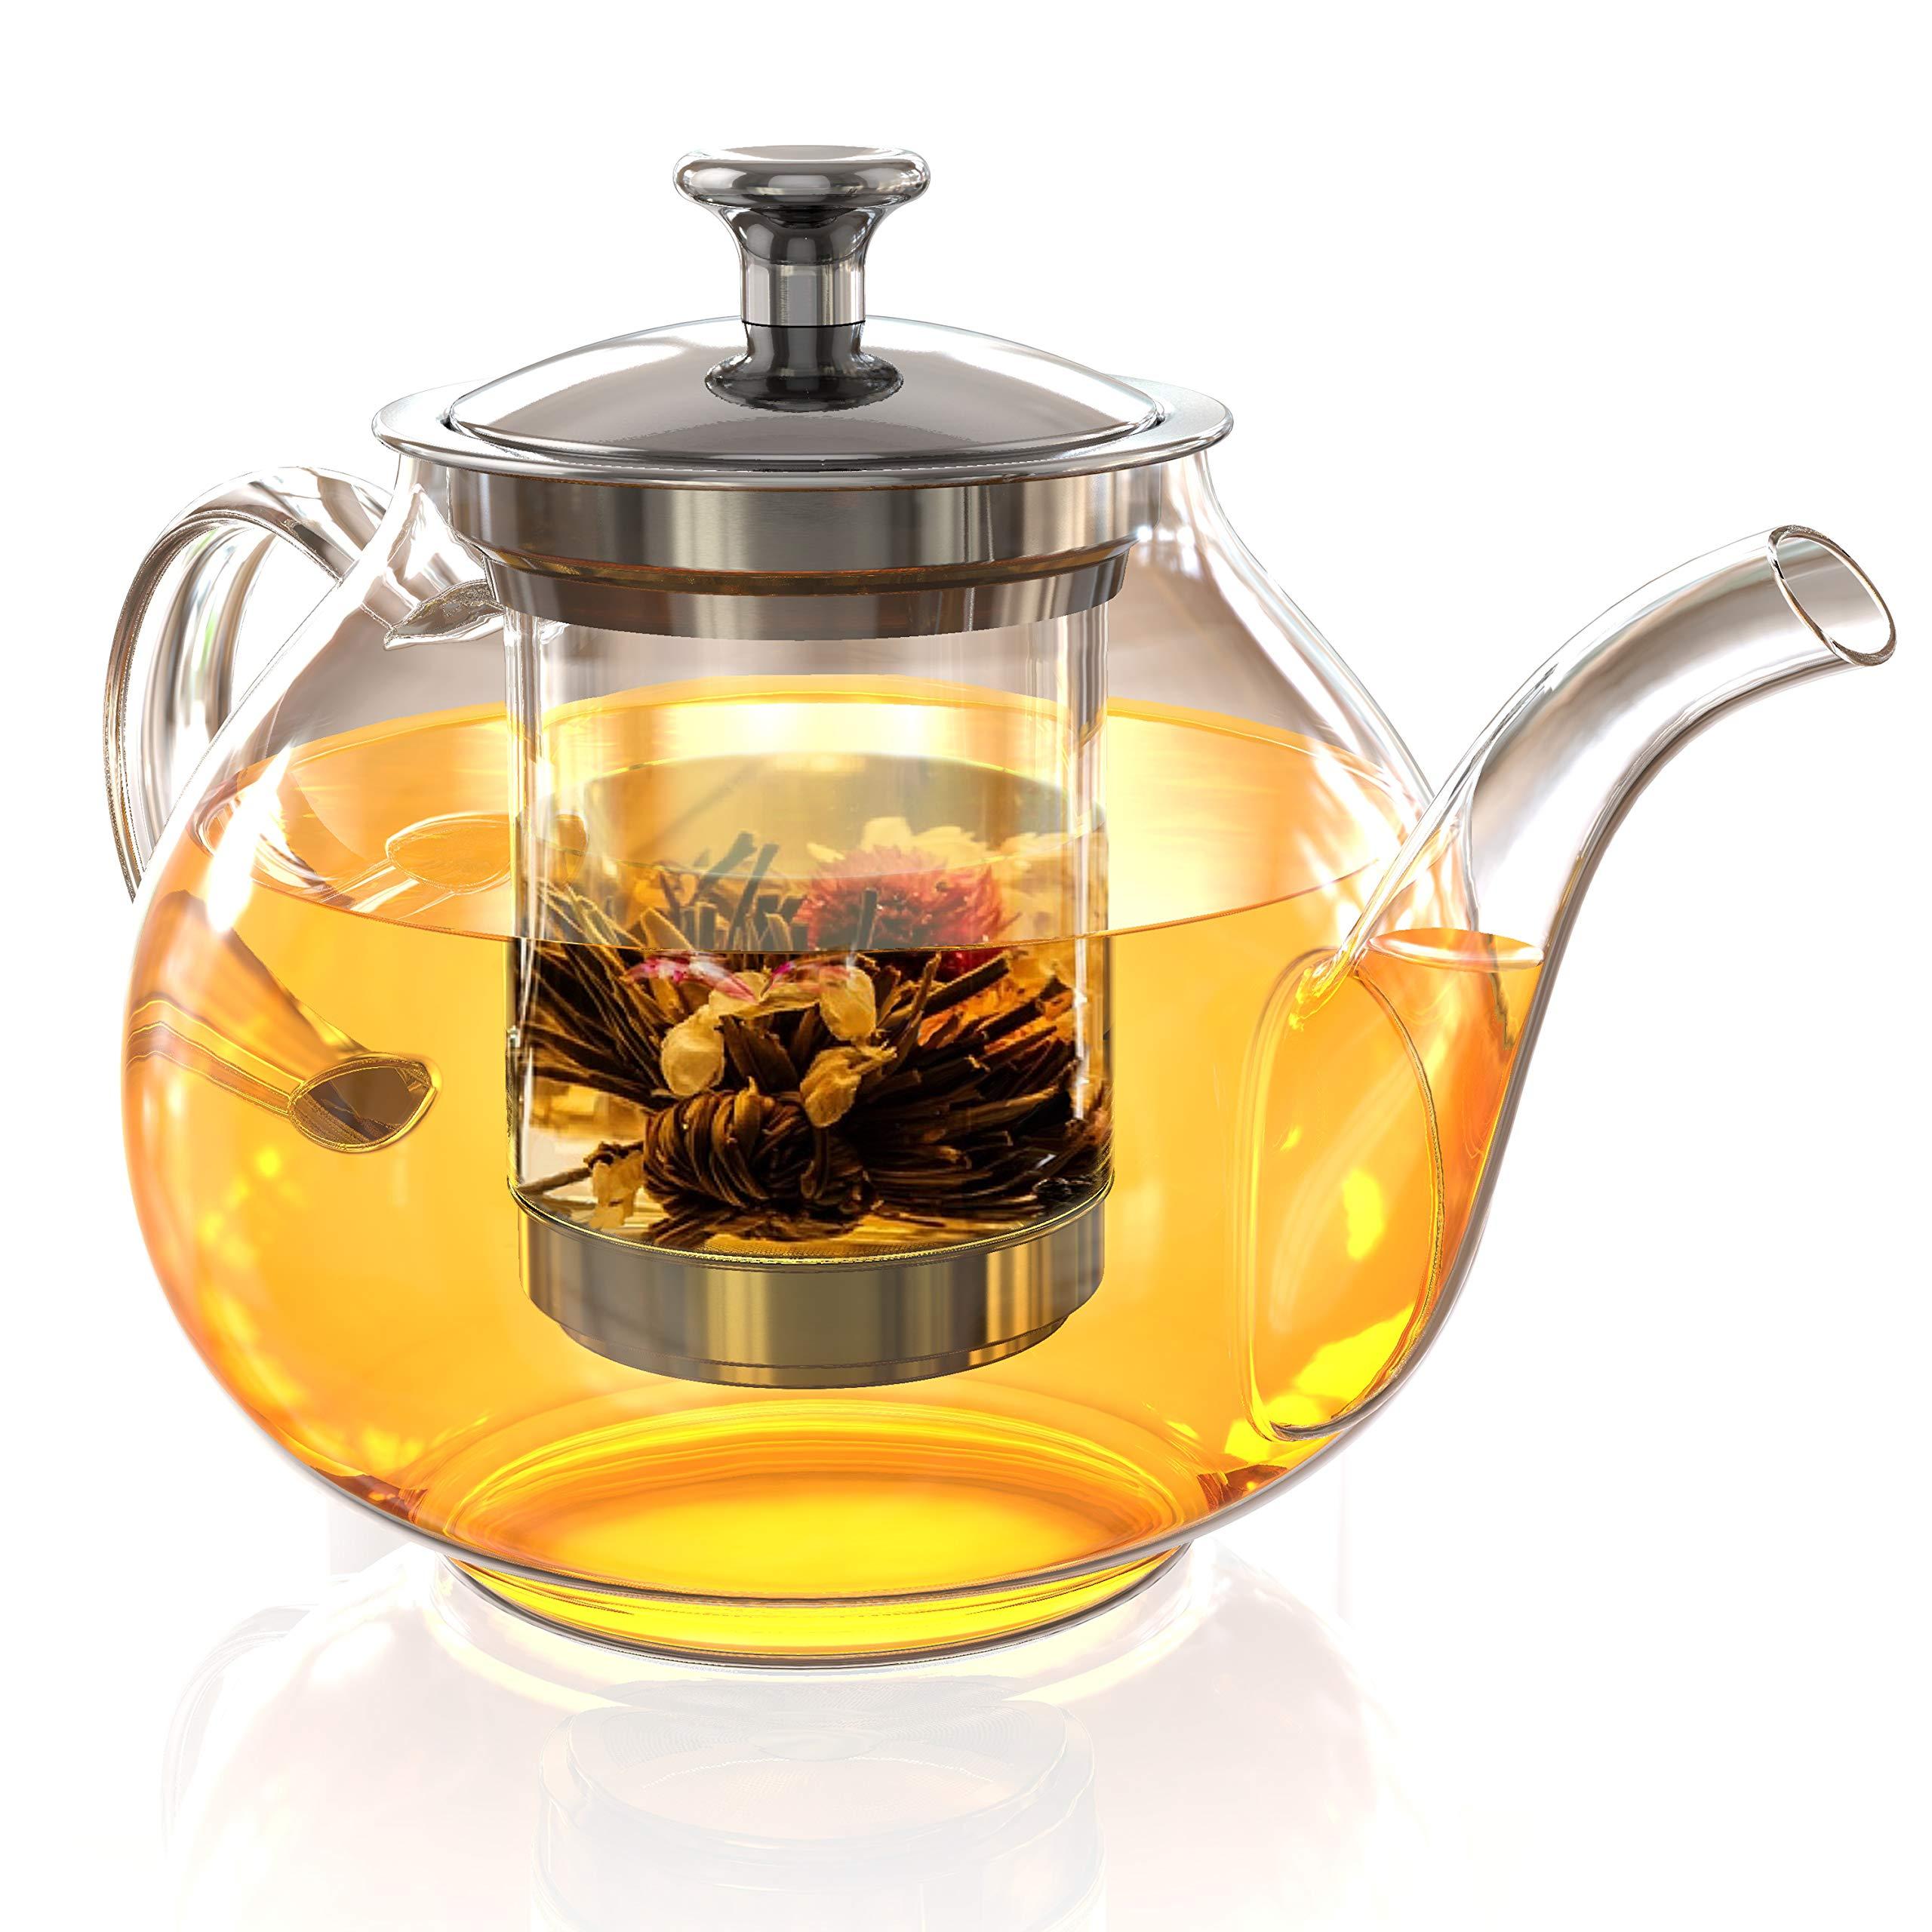 Glass Tea Pot Set - Loose Leaf Tea Pot with Infuser and Lid - Large Teapot with Strainer - Tea maker 40 oz